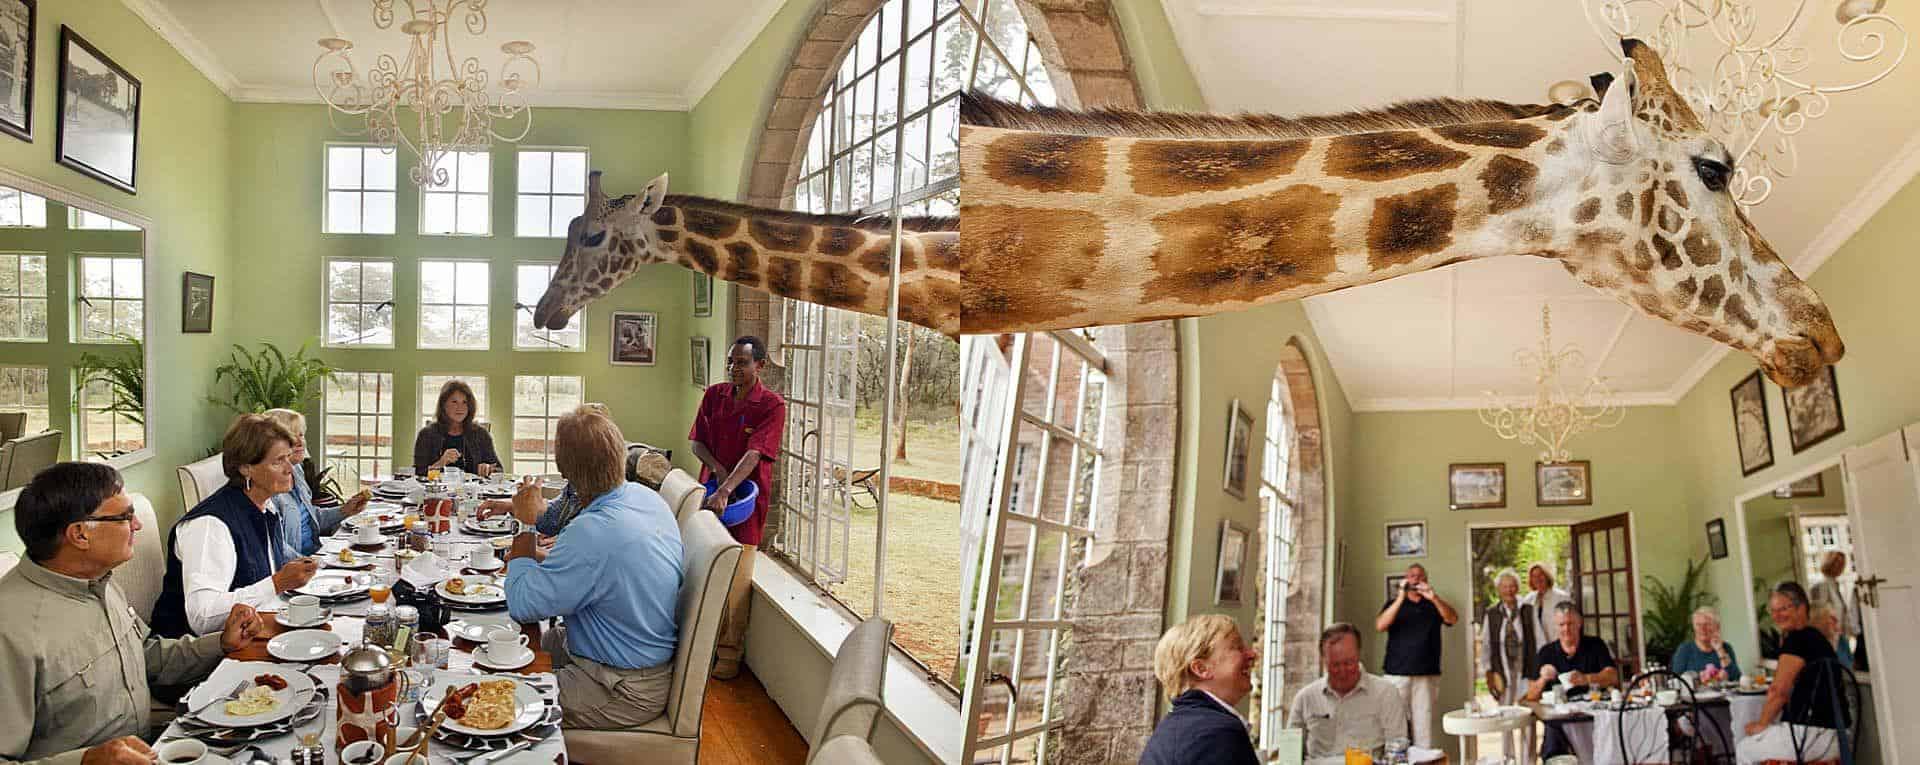 giraffemanor5